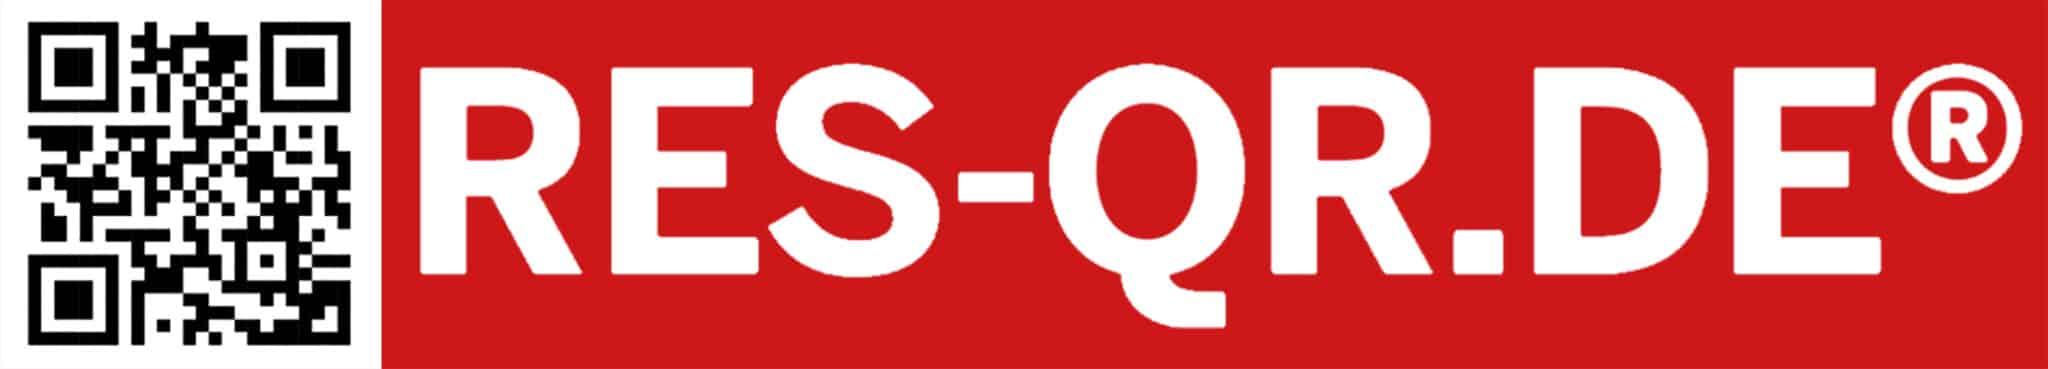 Vorteilspartner für Clubmitglieder » Logo RES QR.DE neu